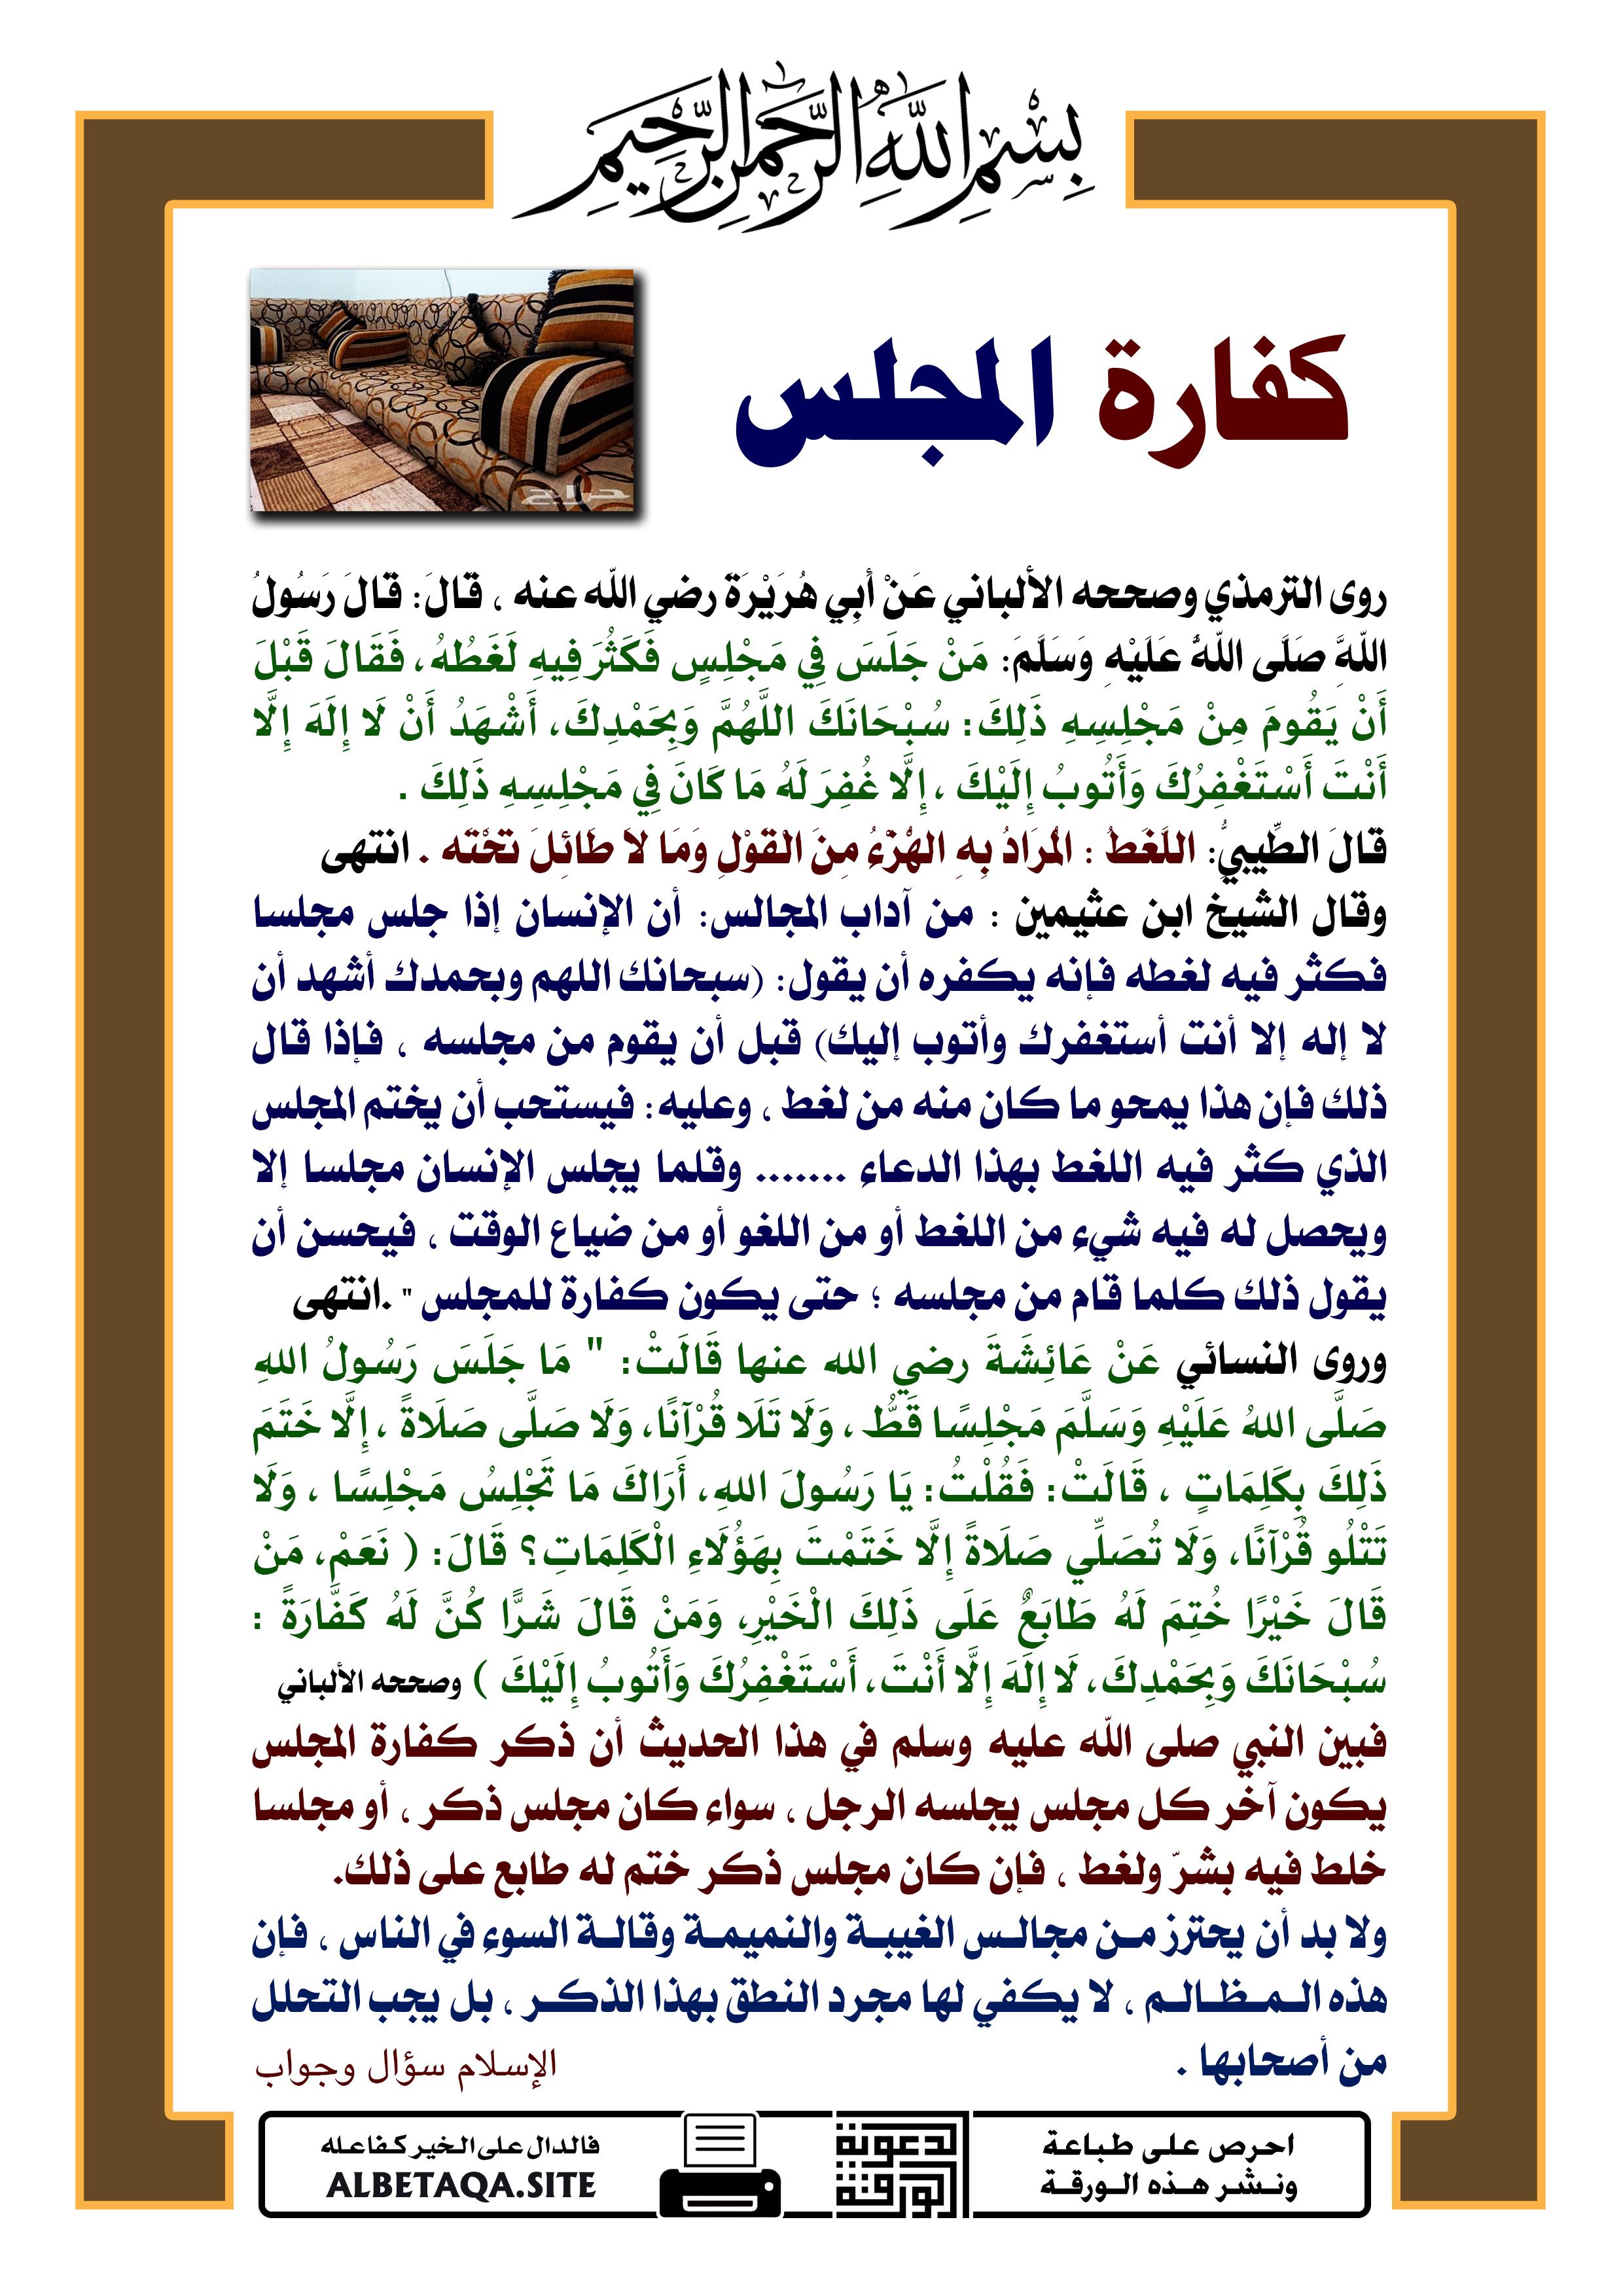 كفارة المجلس موقع البطاقة الدعوي